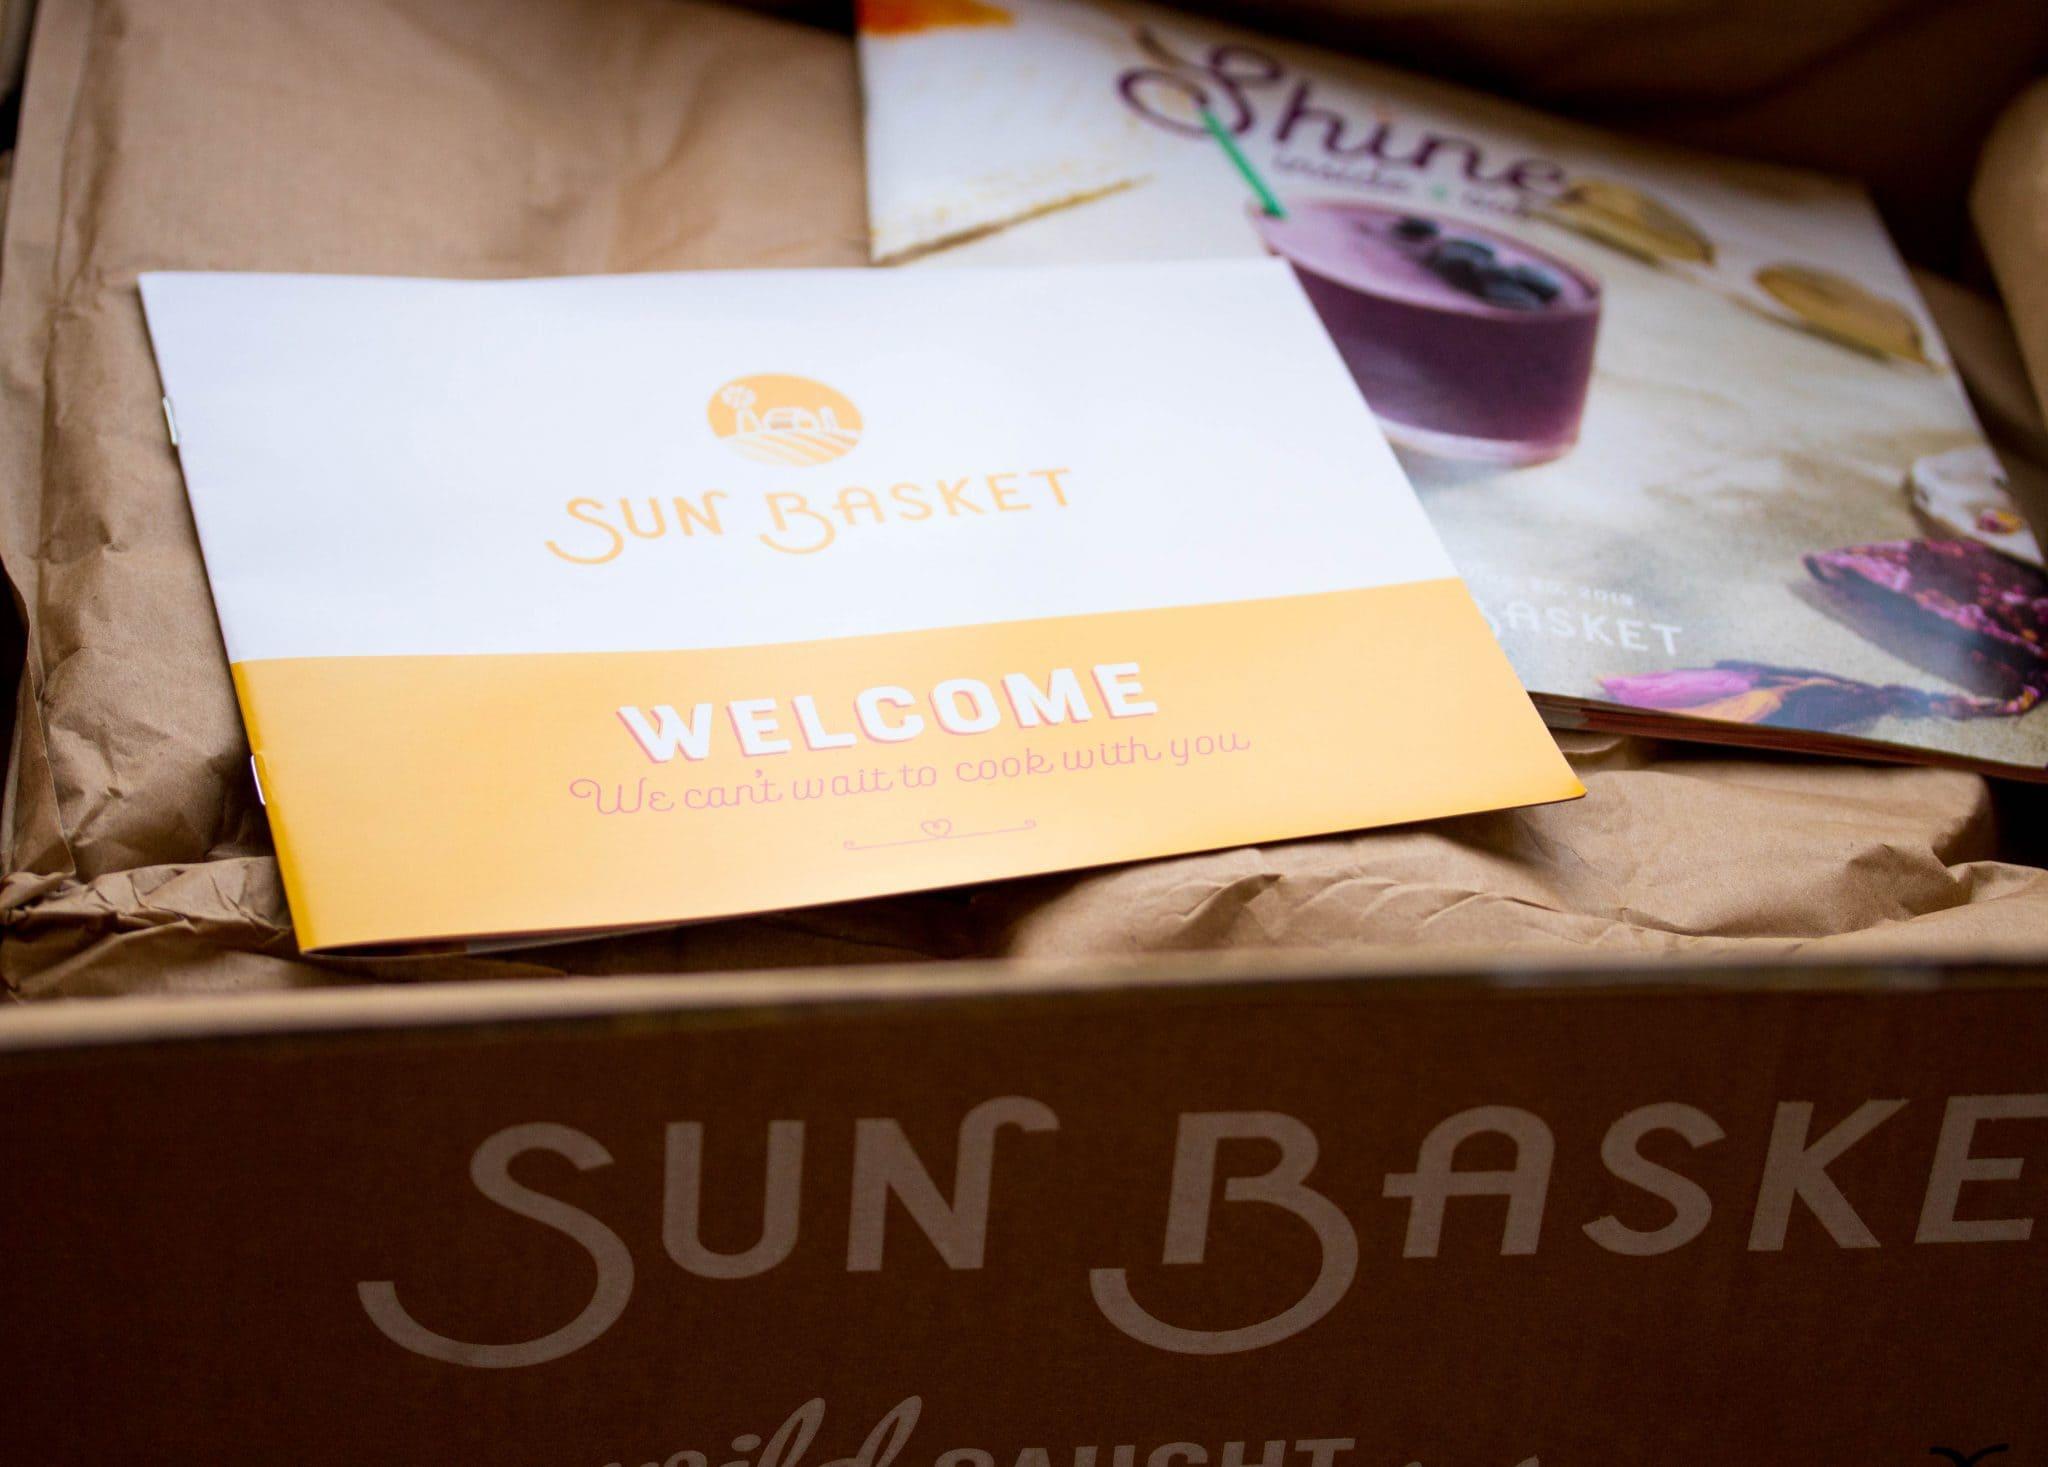 Sun Basket Contents